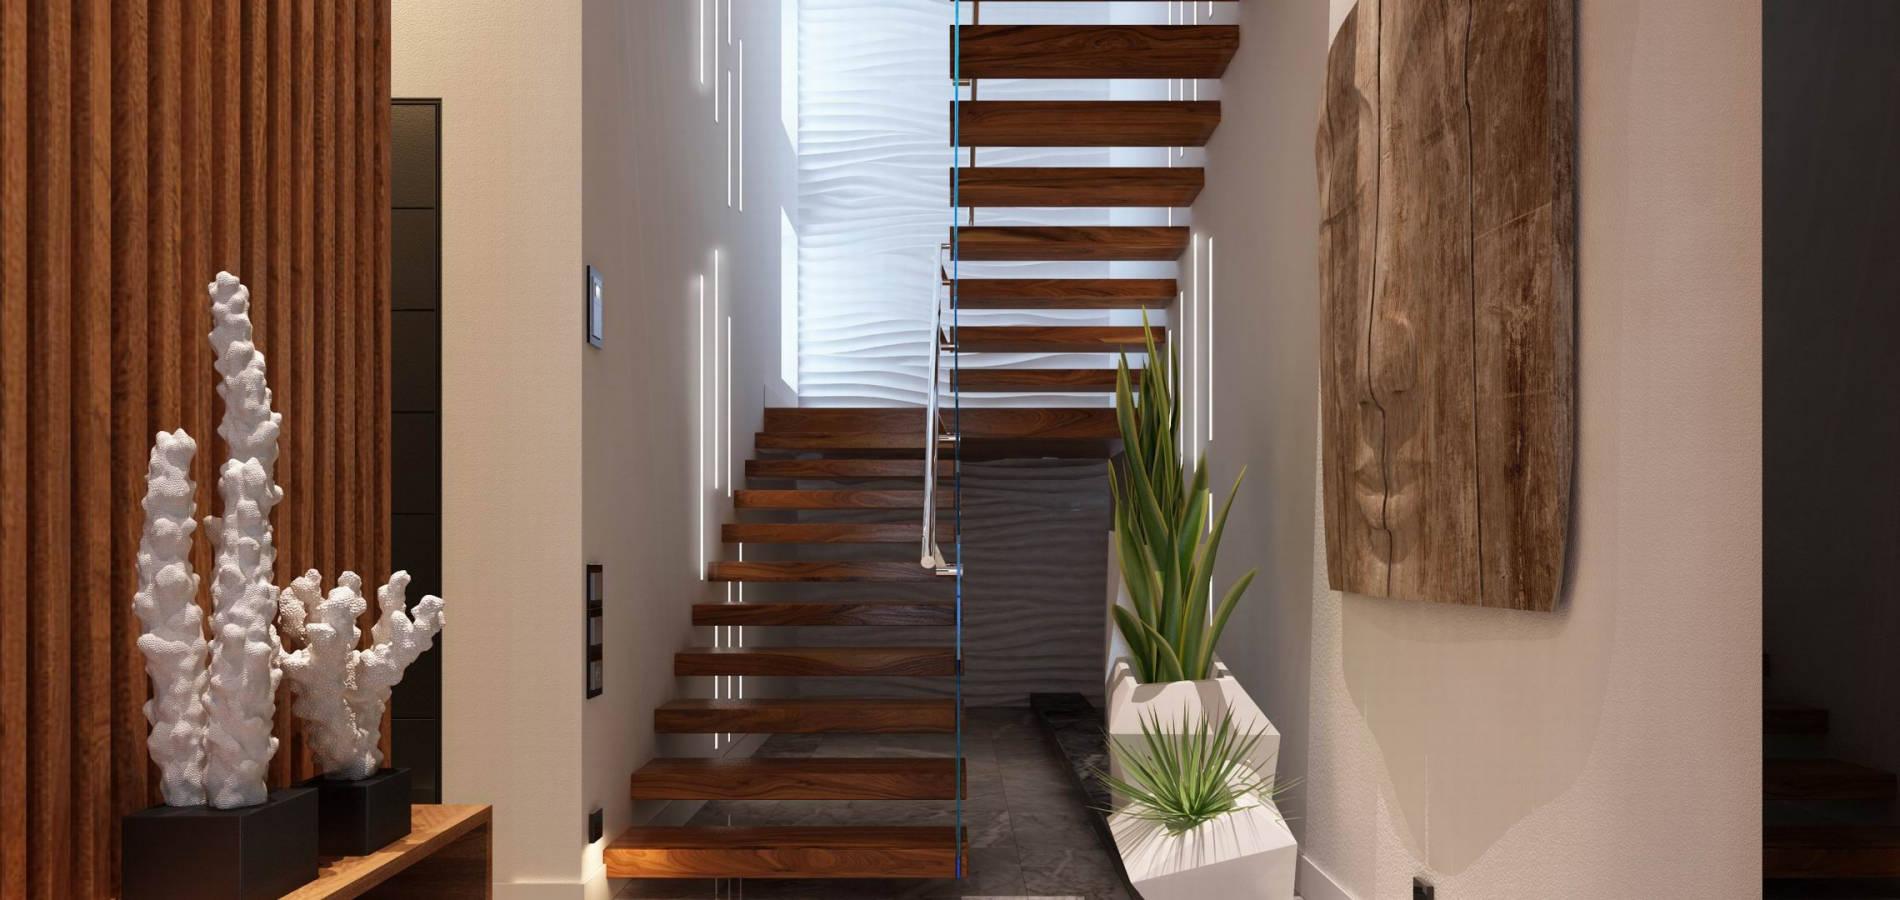 Сходи з дерев'яними сходинками SH_304